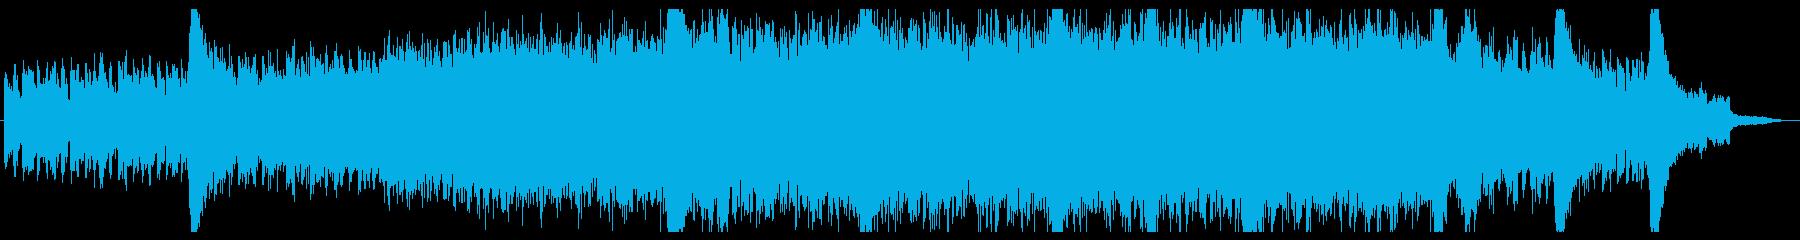 堂々たる曲調のドキュメンタリー的なBGMの再生済みの波形